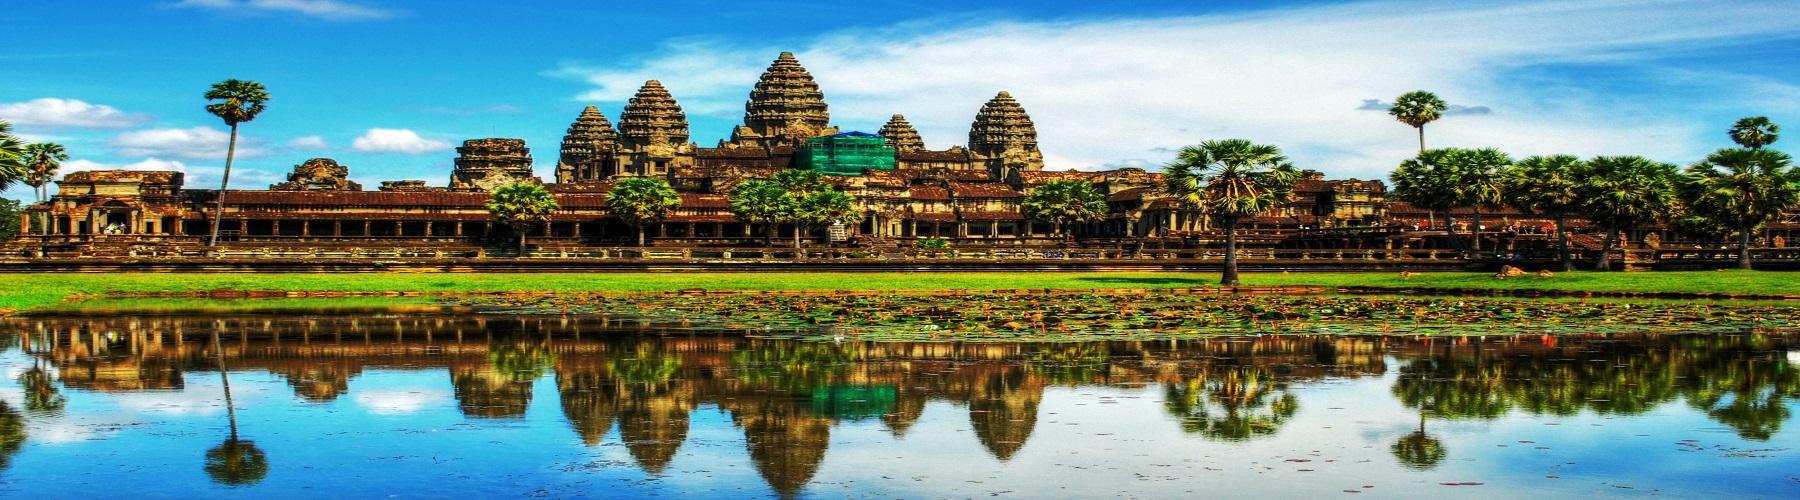 Самостоятельное путешествие в Азию и на Ближний Восток